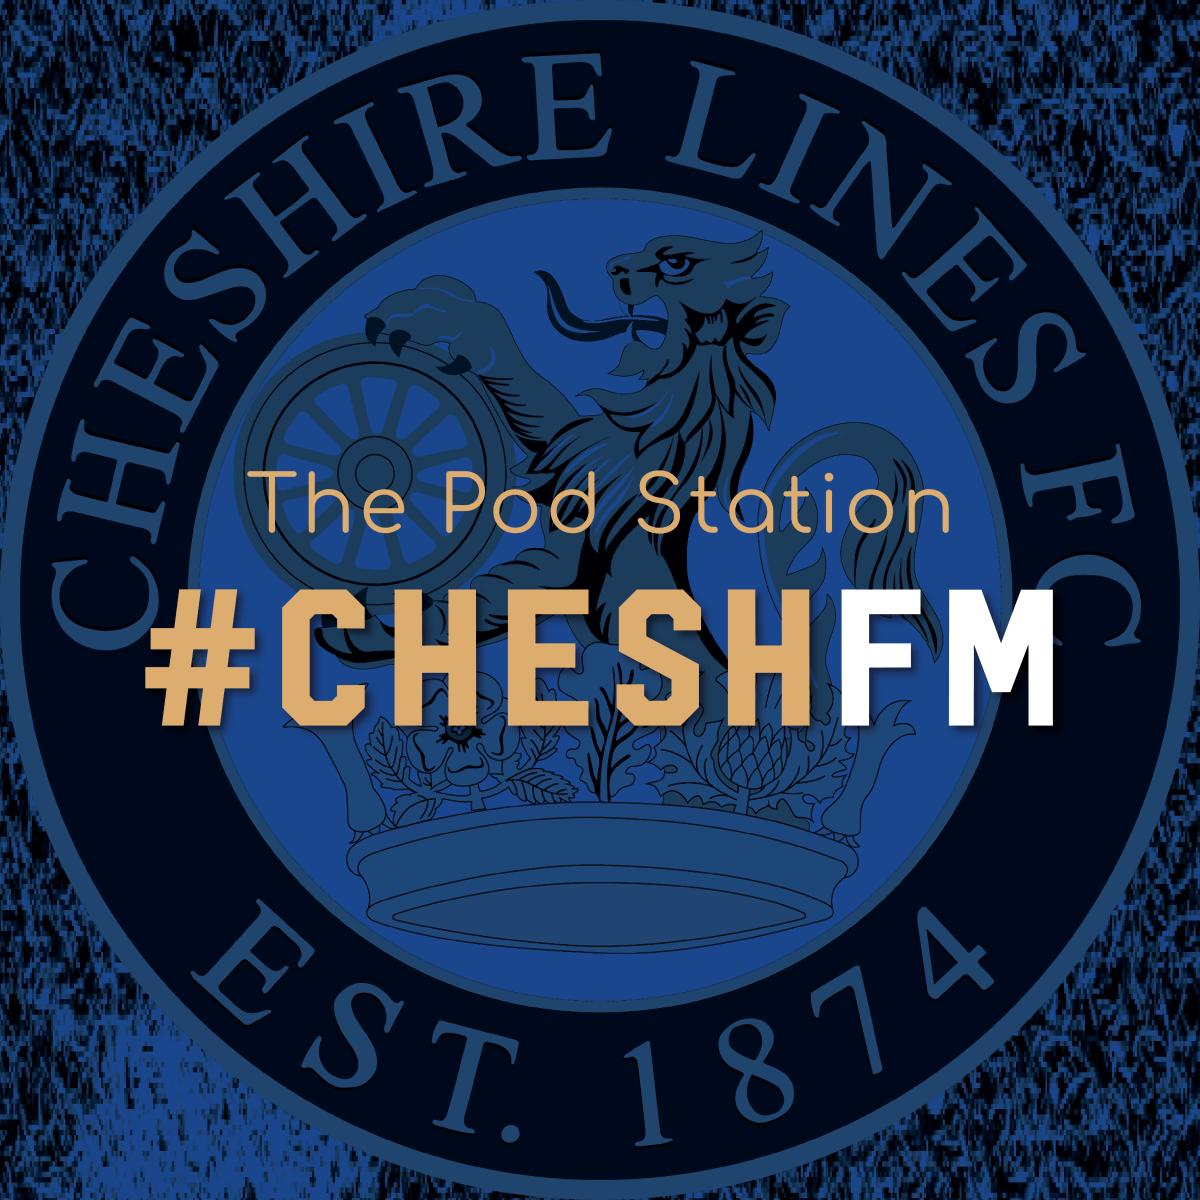 #cheshfm